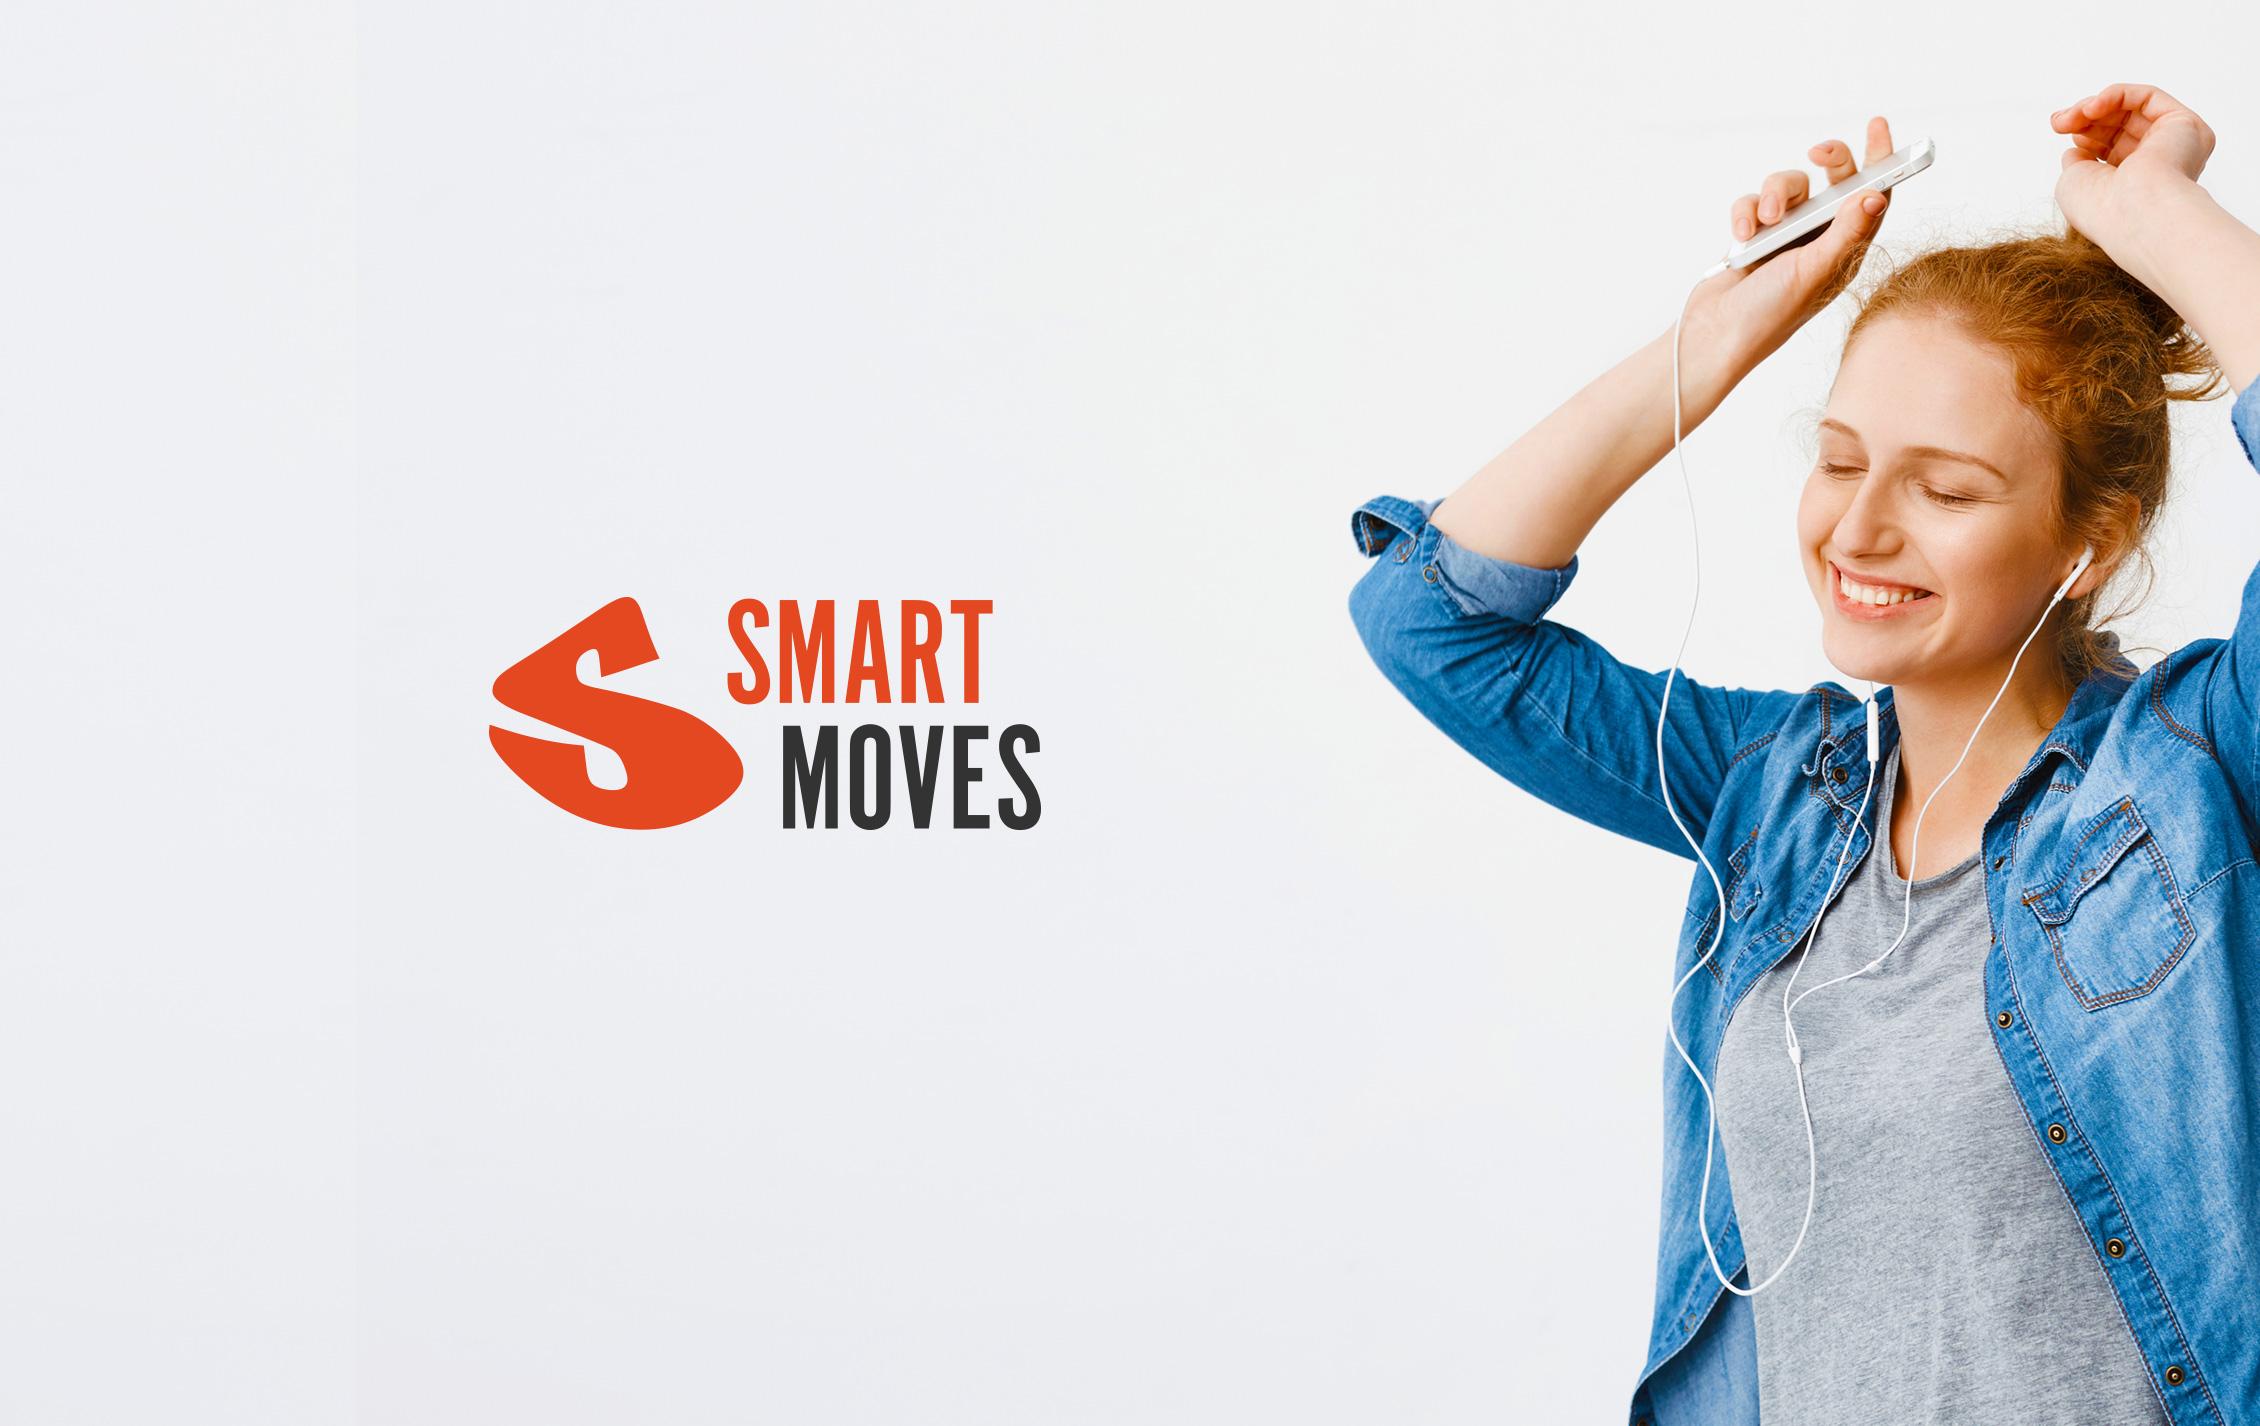 Smart Moves tyttö tanssii